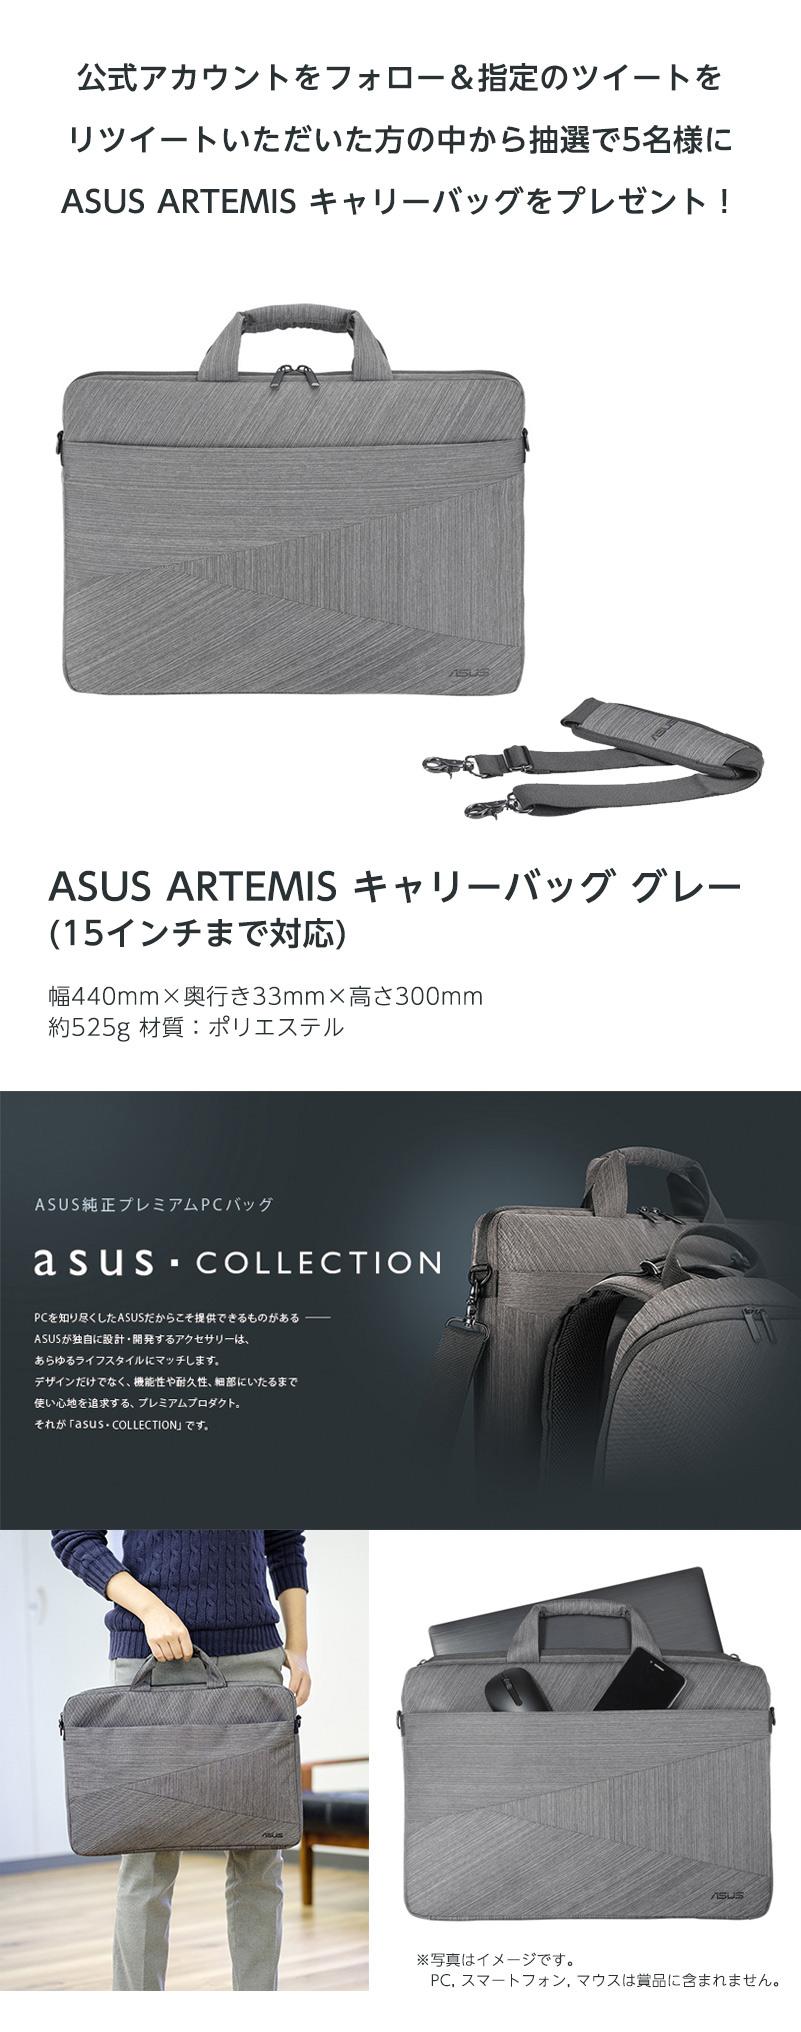 今年から始めたことやチャレンジを、#ASUSBootup をつけてポストしよう!抽選で1名様にASUS ZenBook S13 UX392FNをプレゼント!